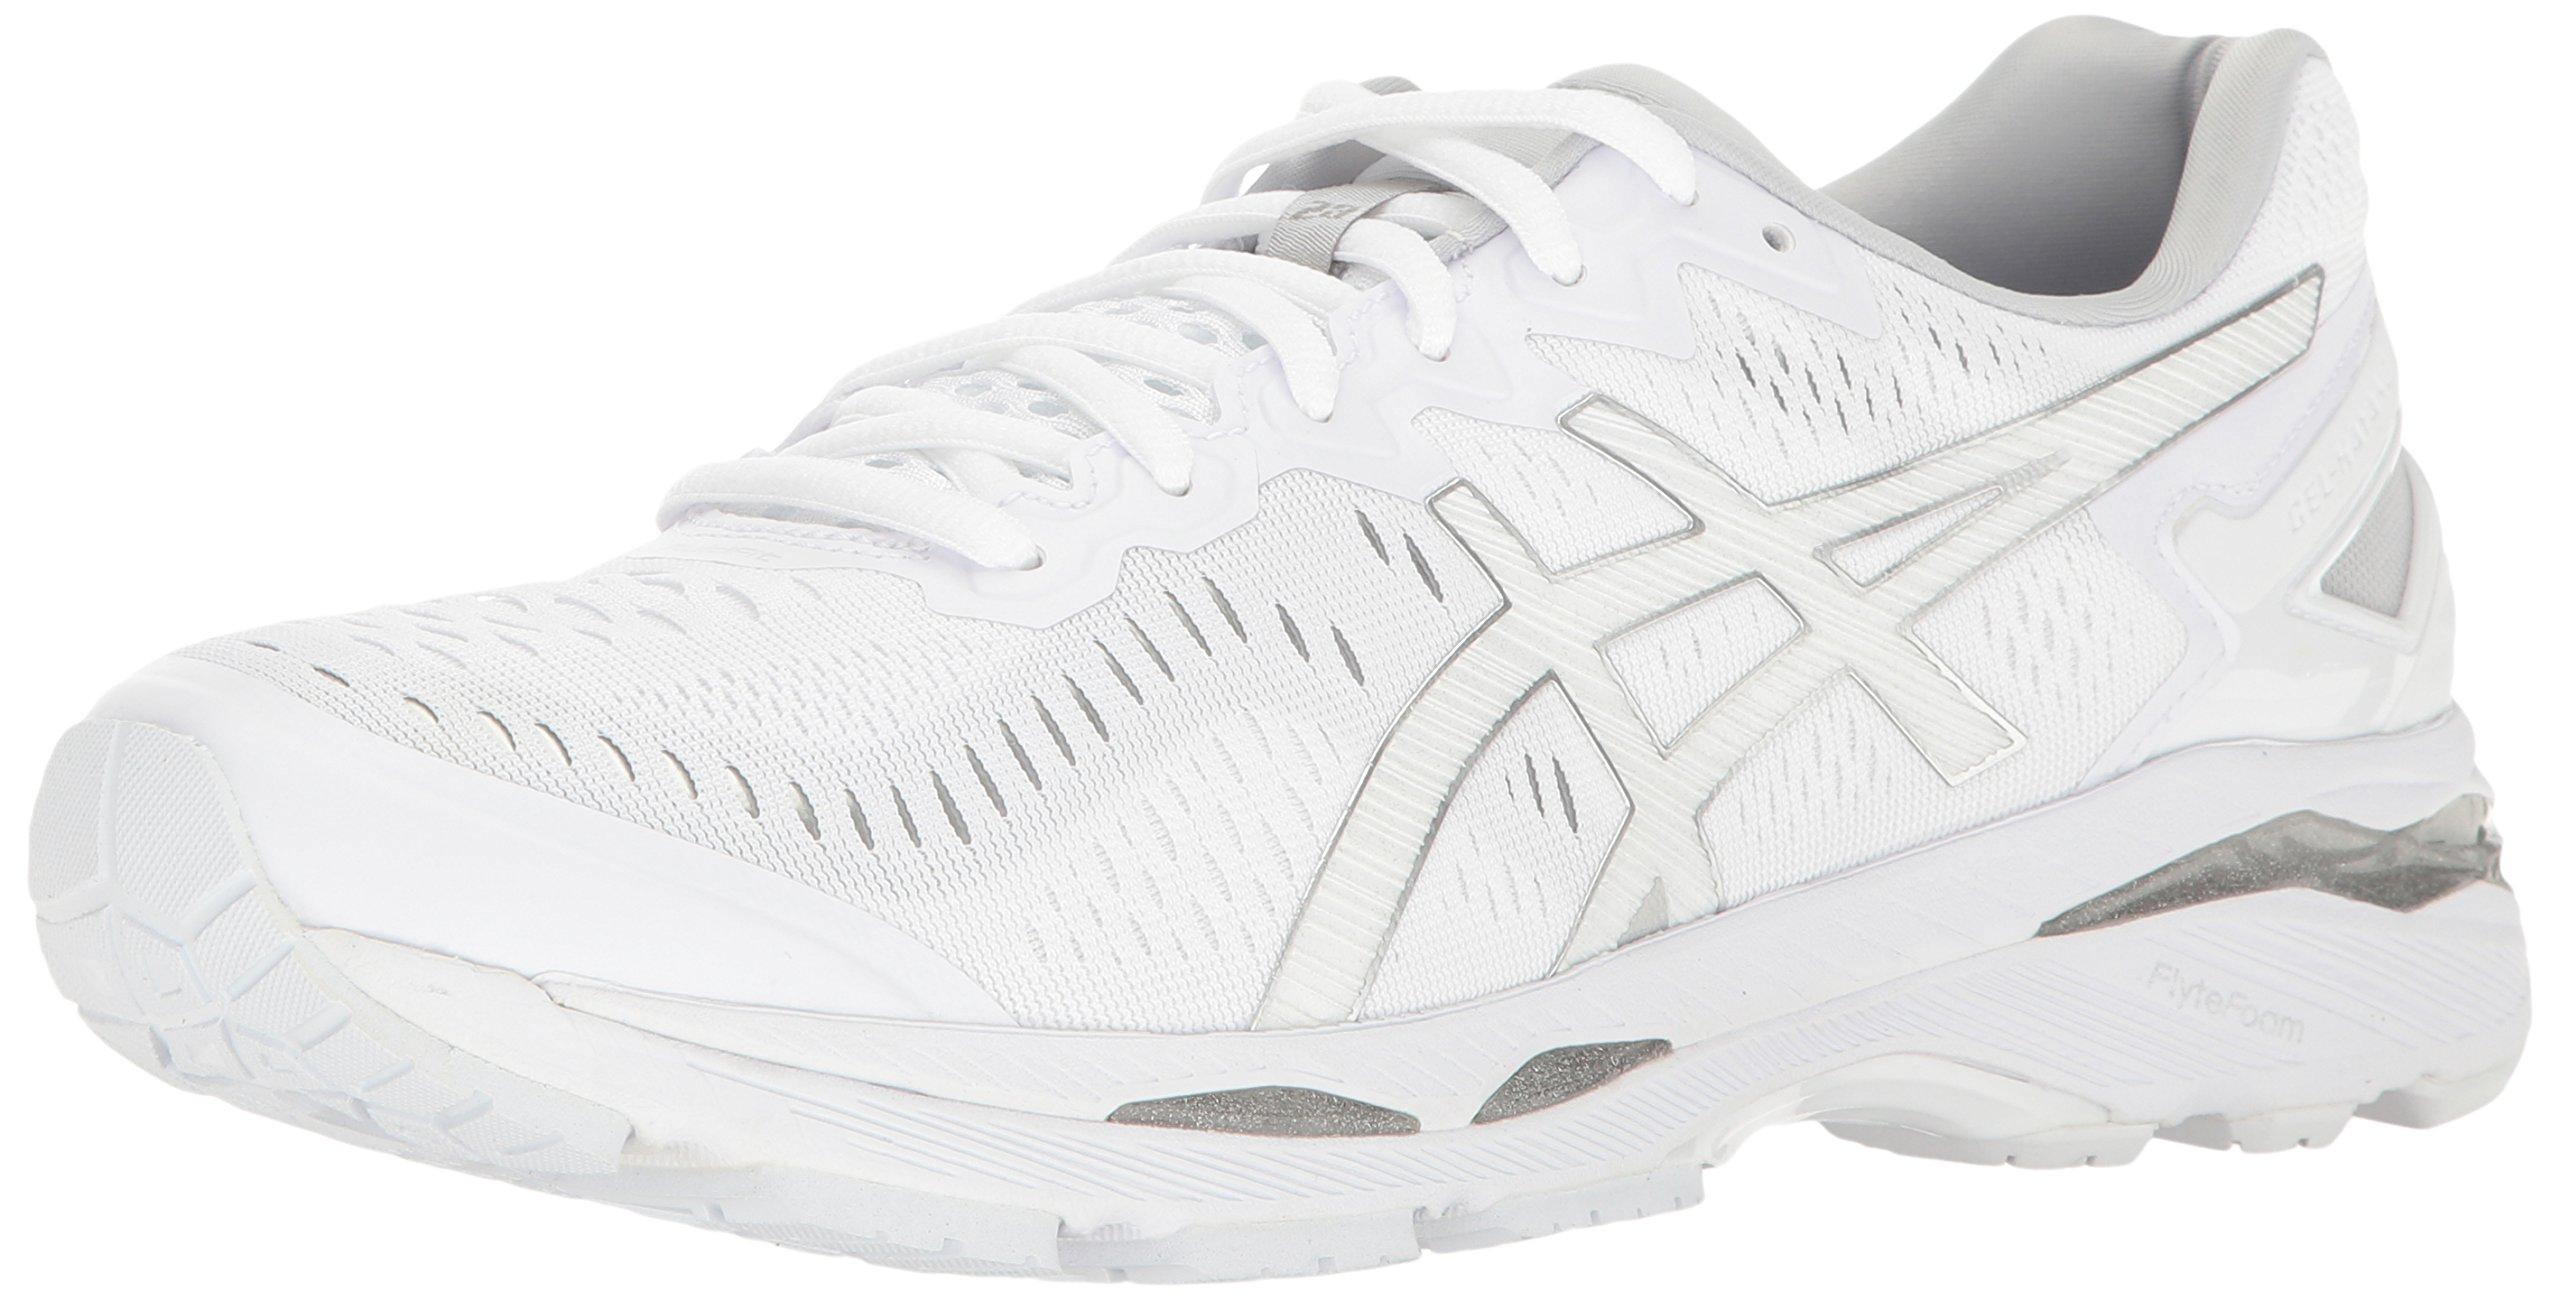 ASICS Men's Gel-Kayano 23 Running Shoe, White/Snow/Silver, 11.5 M US by ASICS